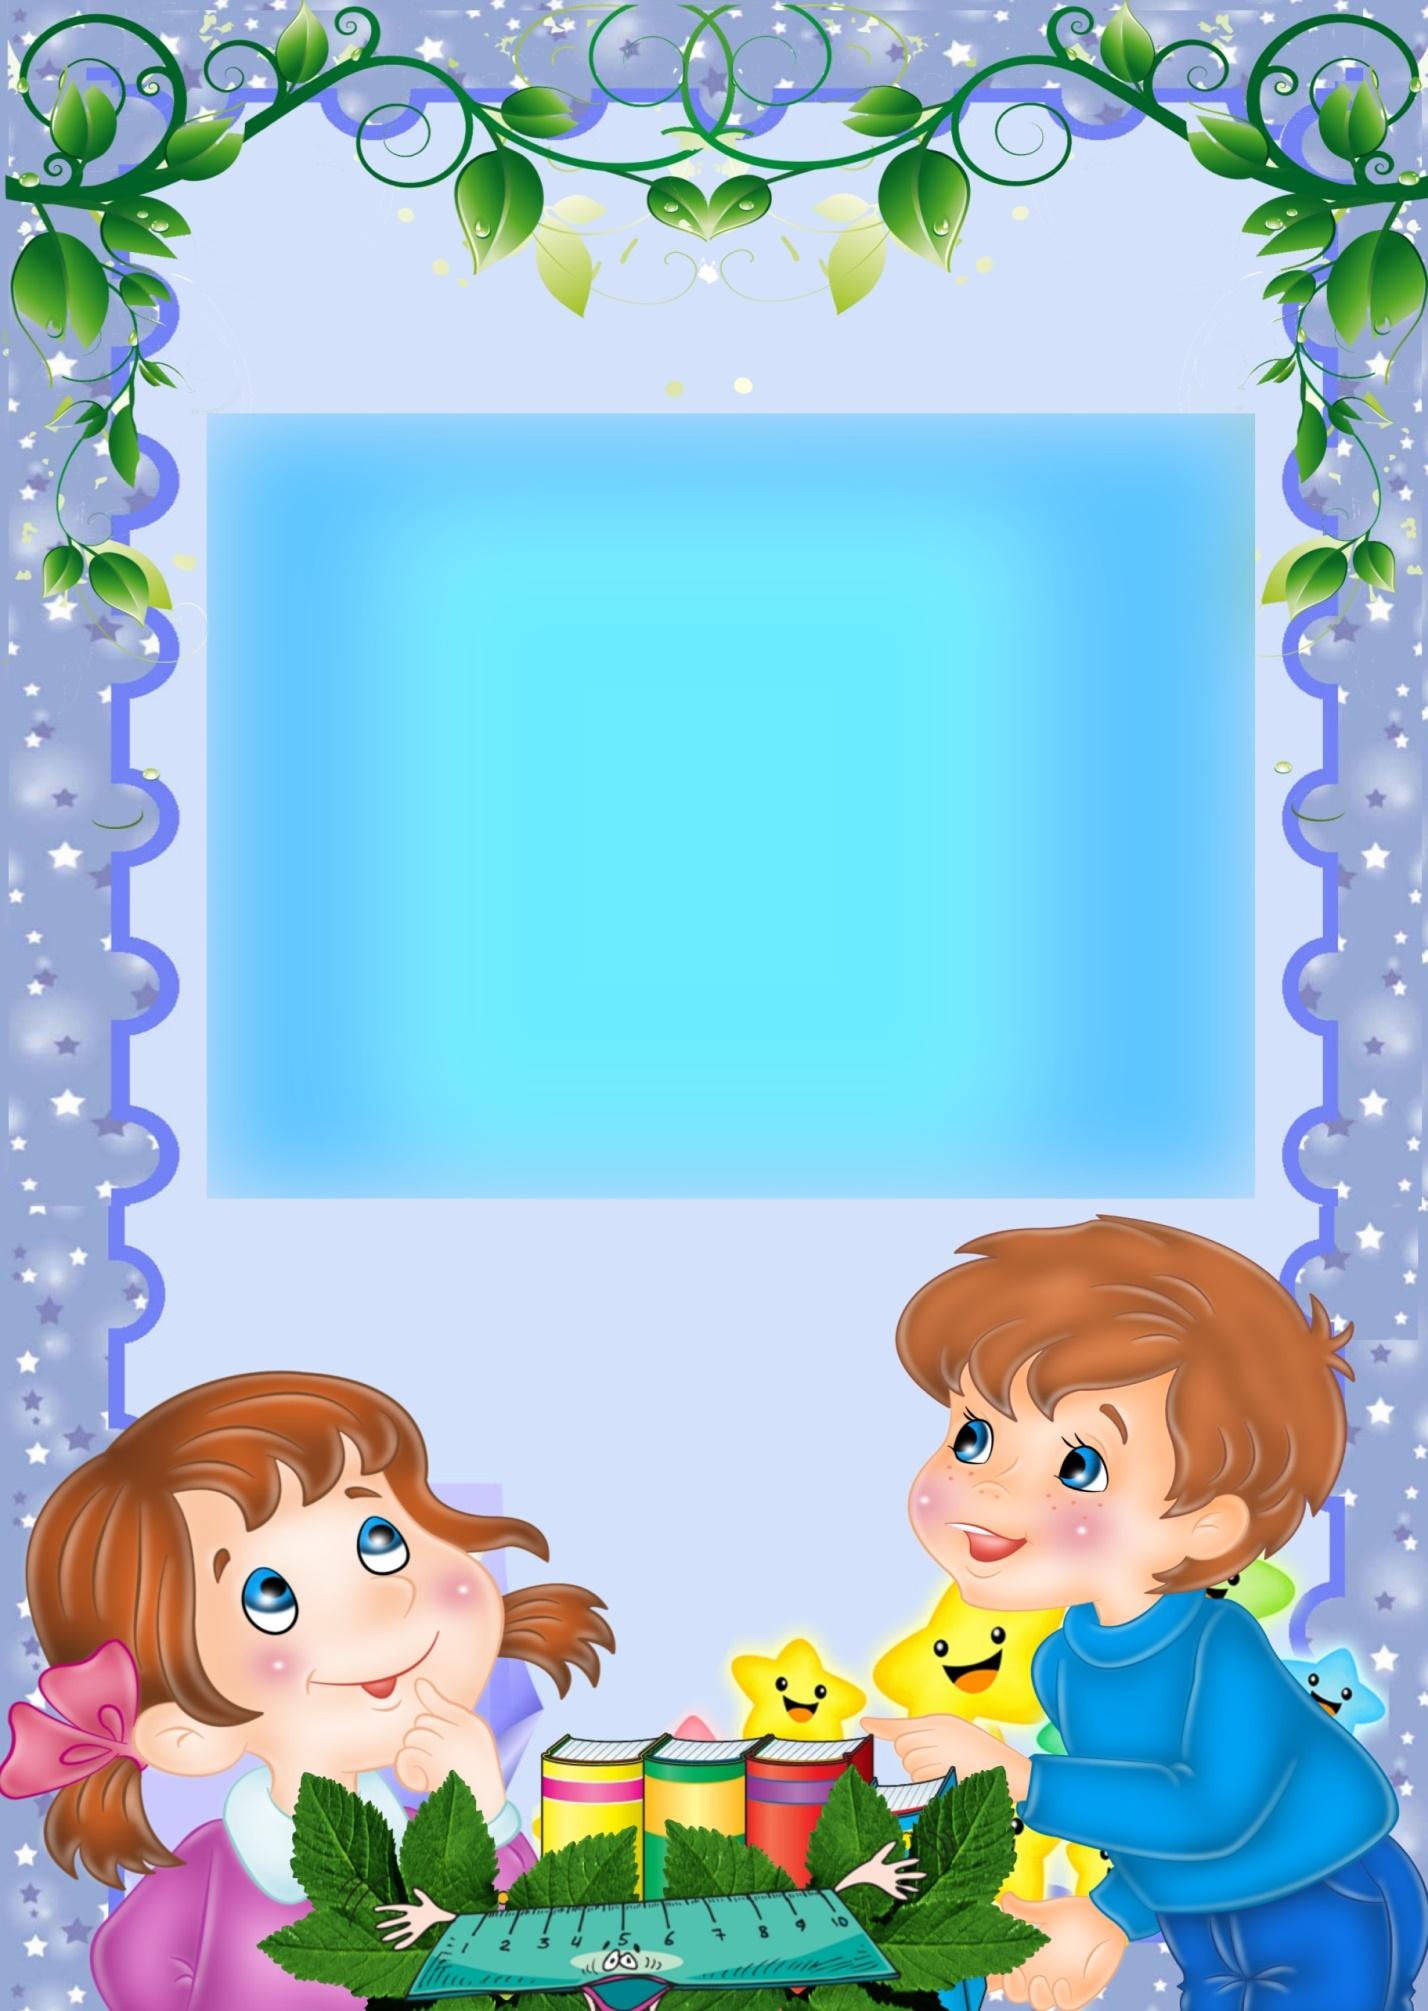 hello_html_60883e40.jpg